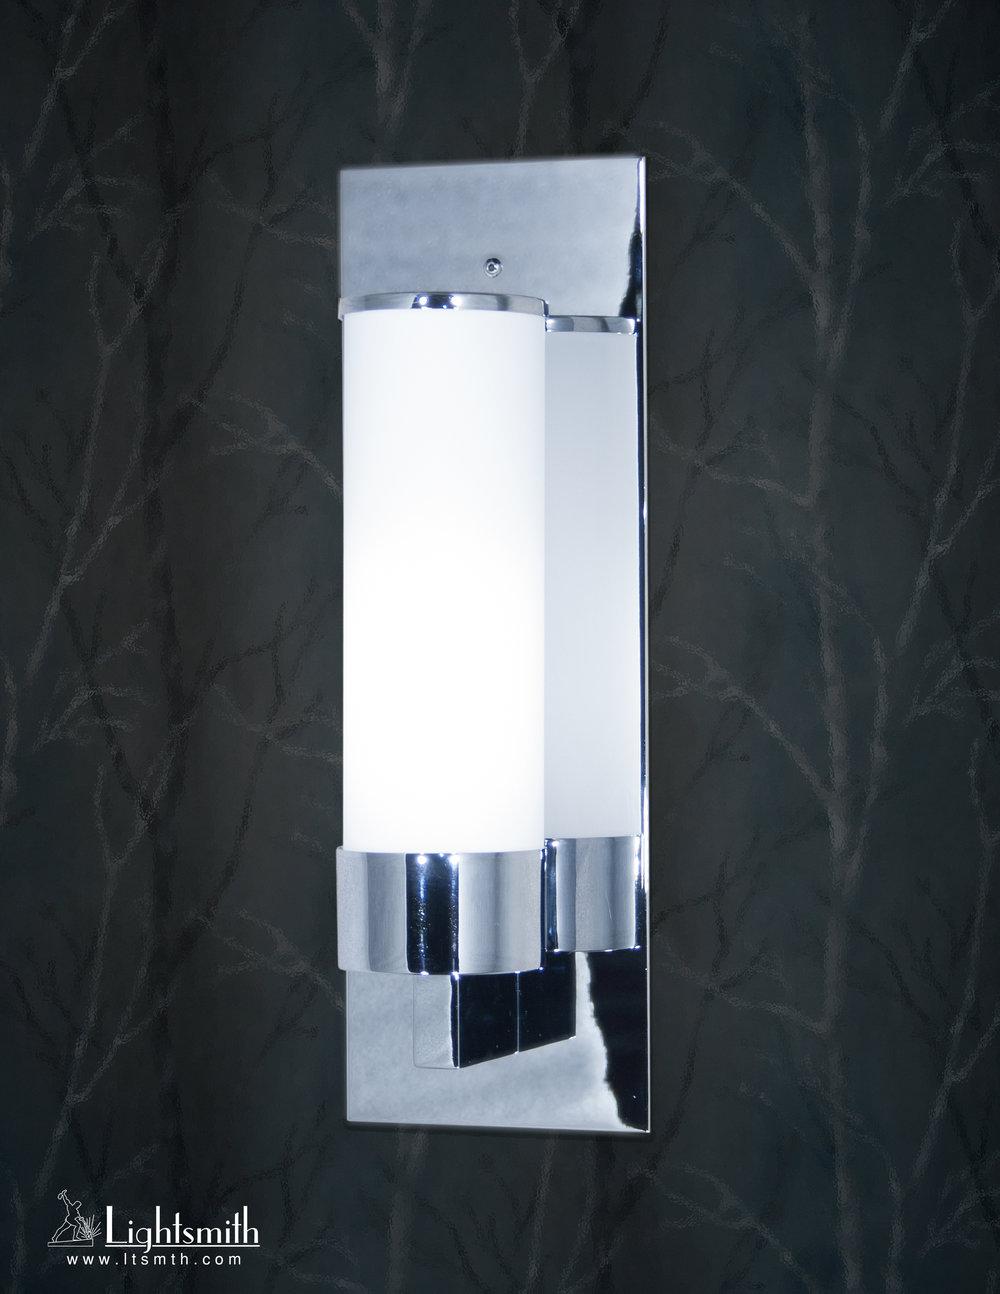 SC-2204 - Polished Chrome - White Opal Acrylic